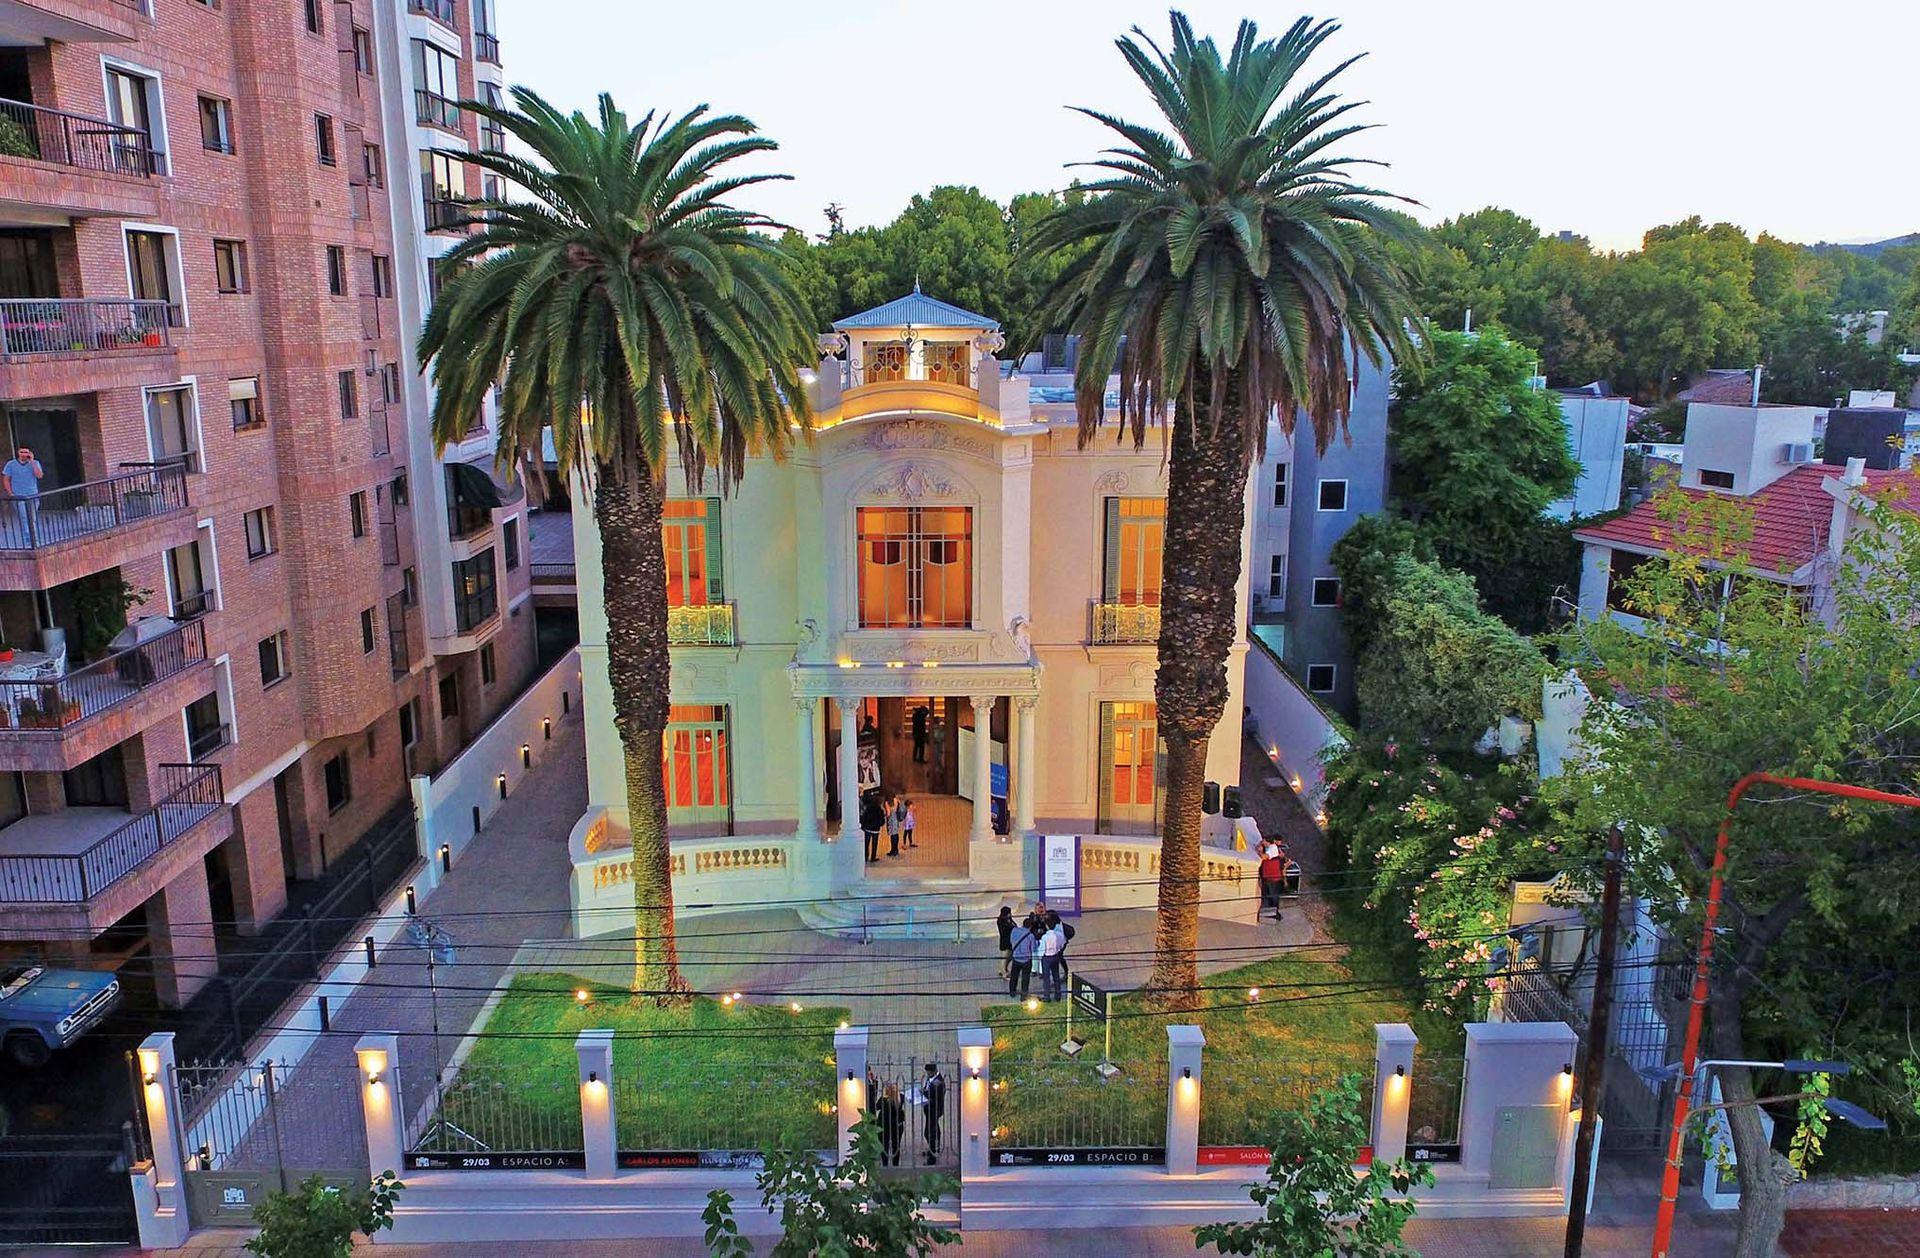 El Museo Carlos Alonso queda en Avenida Emilio Civit 348.